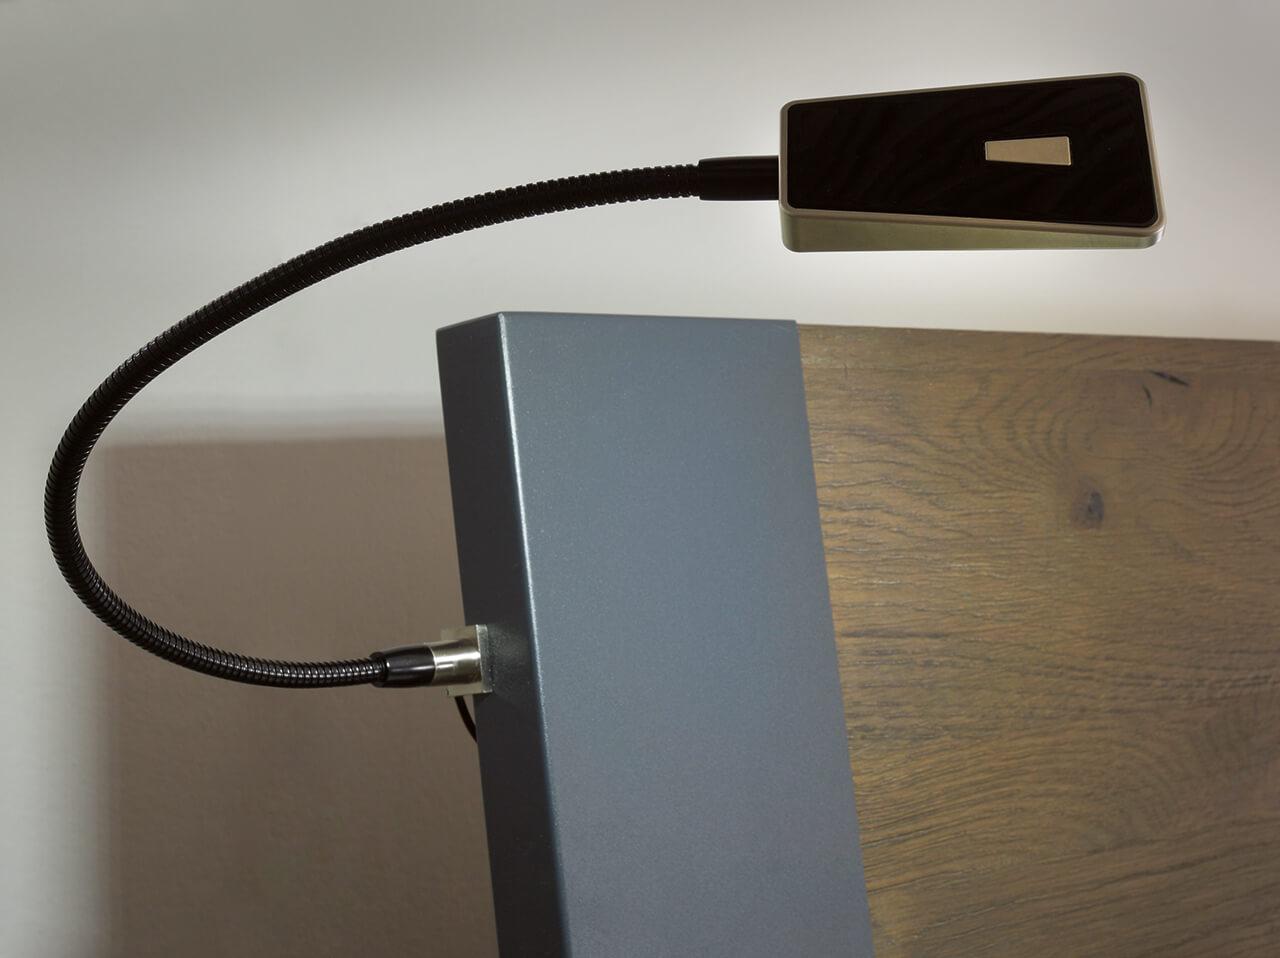 beleuchtung f r kopfteile bett beleuchtung suma wasserbetten. Black Bedroom Furniture Sets. Home Design Ideas